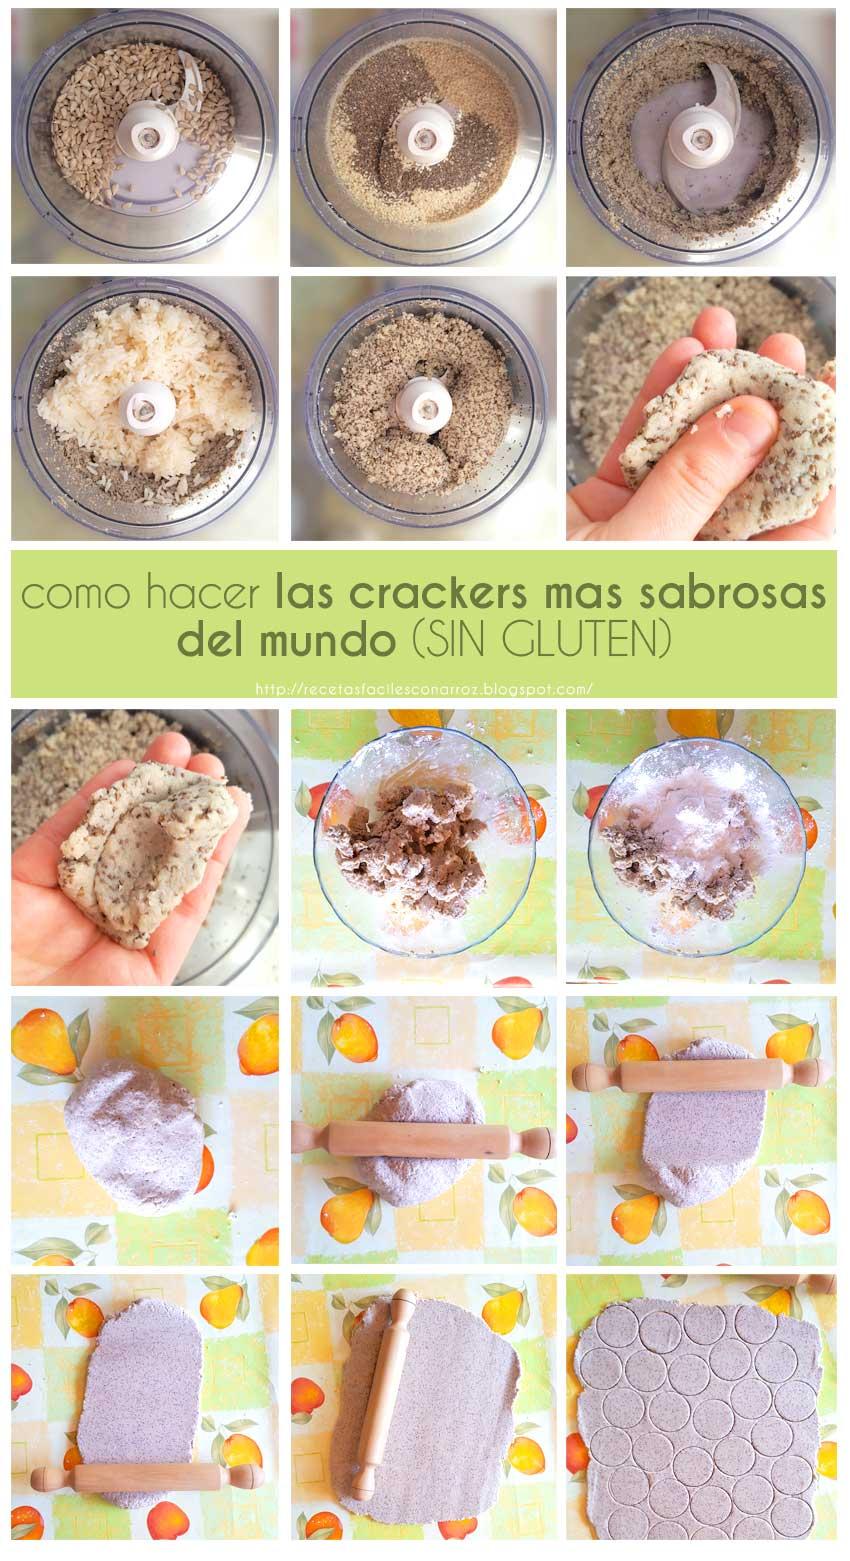 crackers sin gluten fototutorial